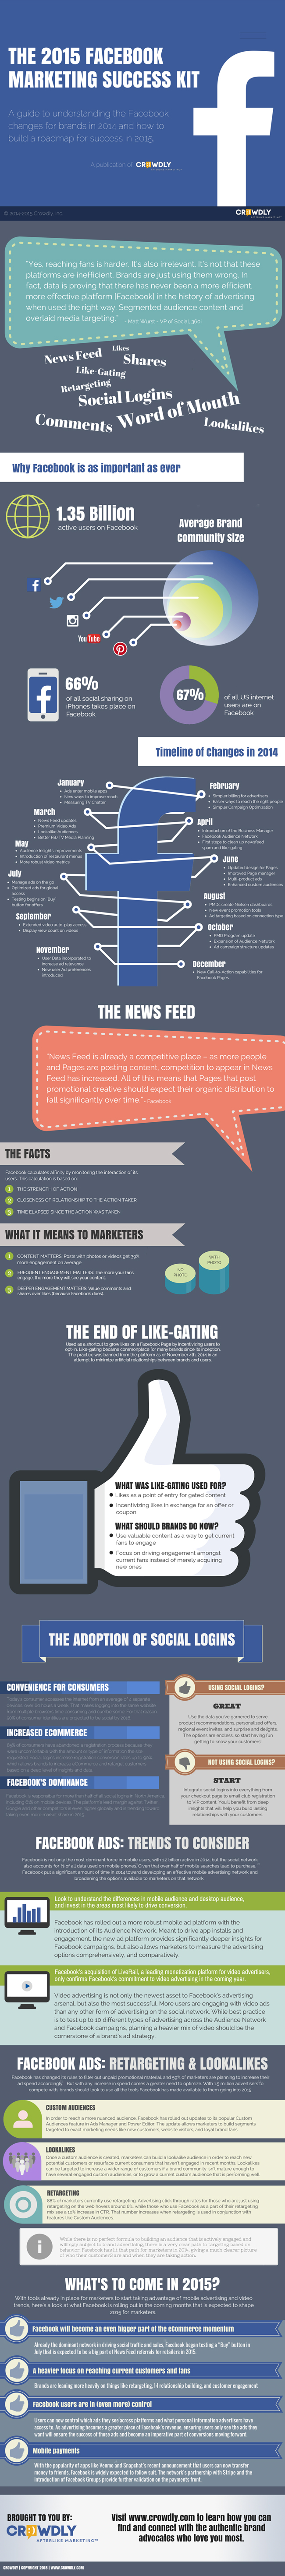 wersm-facebook-marketing-infographic-2015